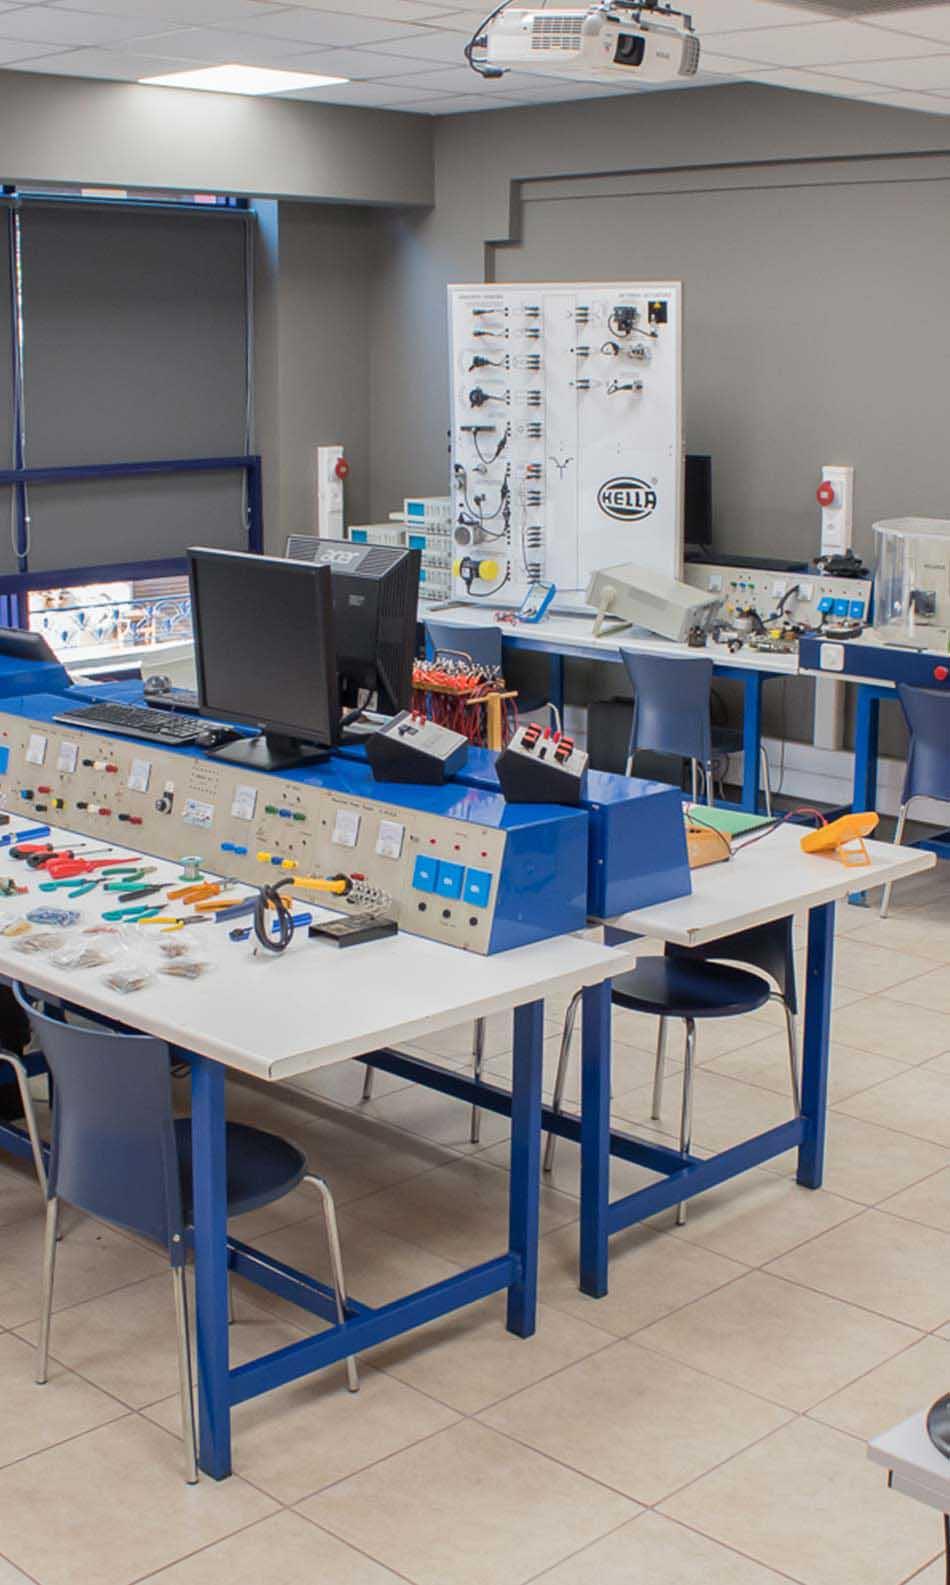 ΙΕΚ ΑΚΜΗ: Εργαστήριο Σχολής Ηλεκτρολογίας